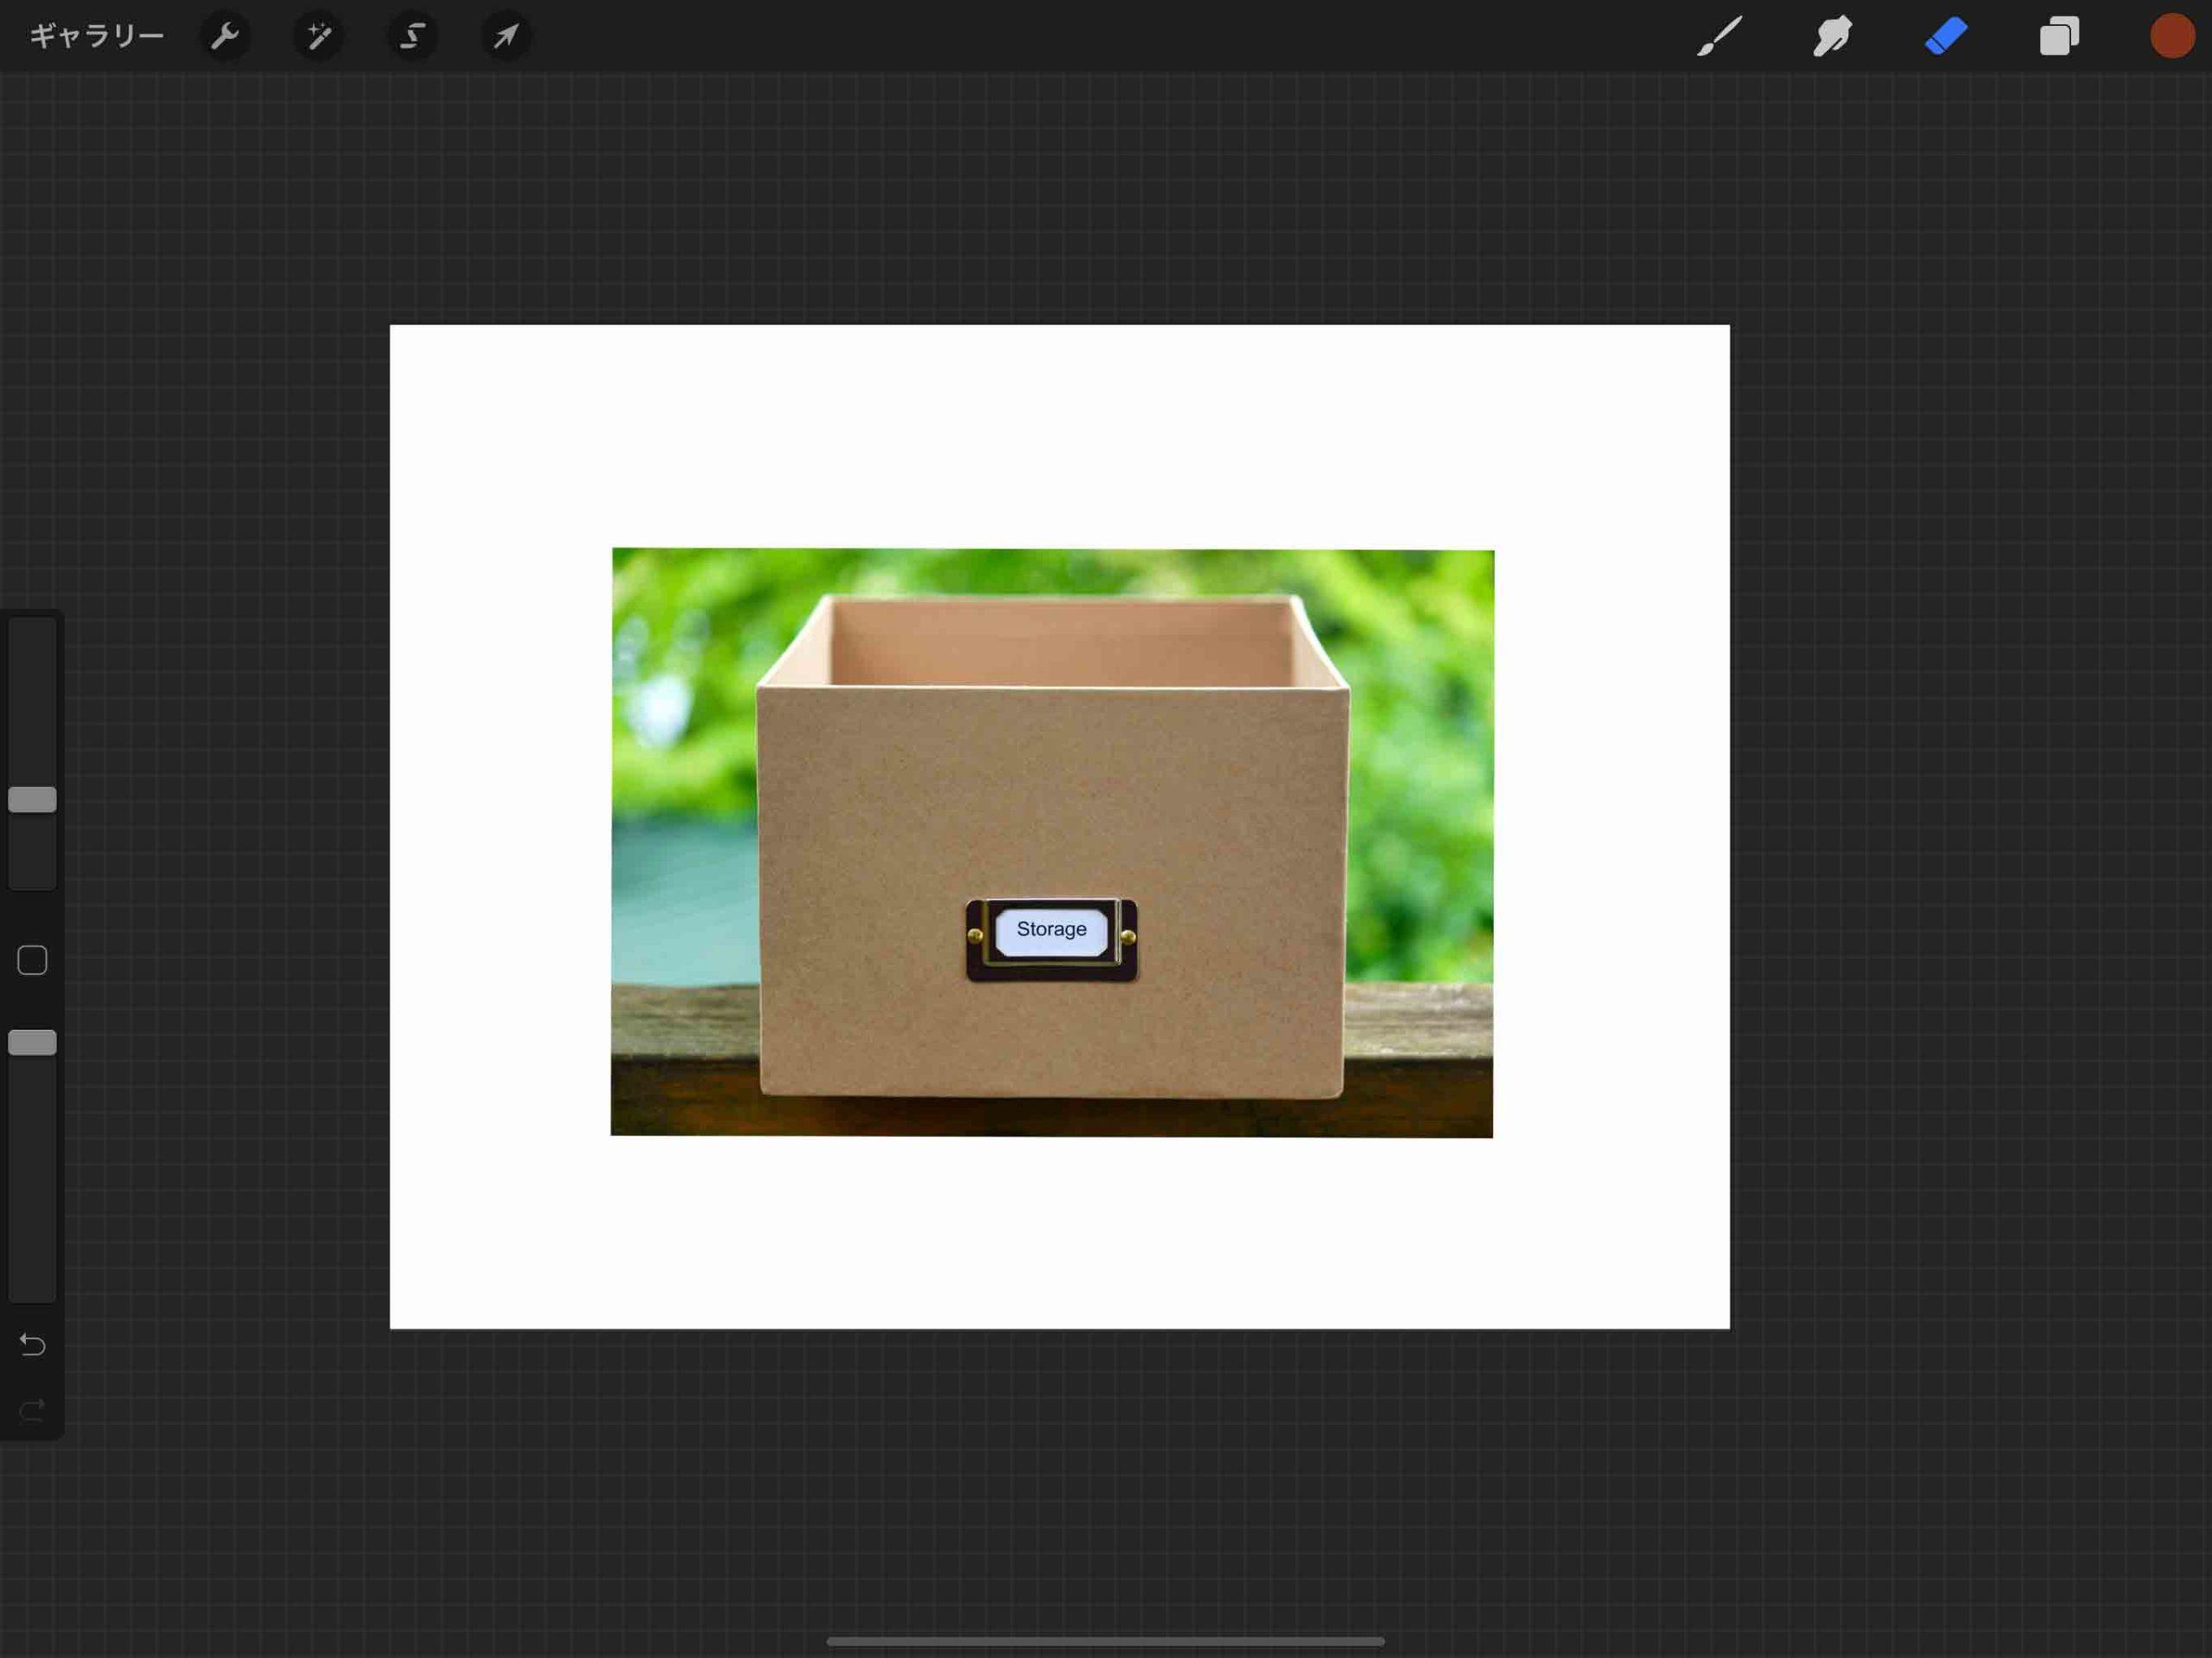 ⑧箱の画像を読み込み